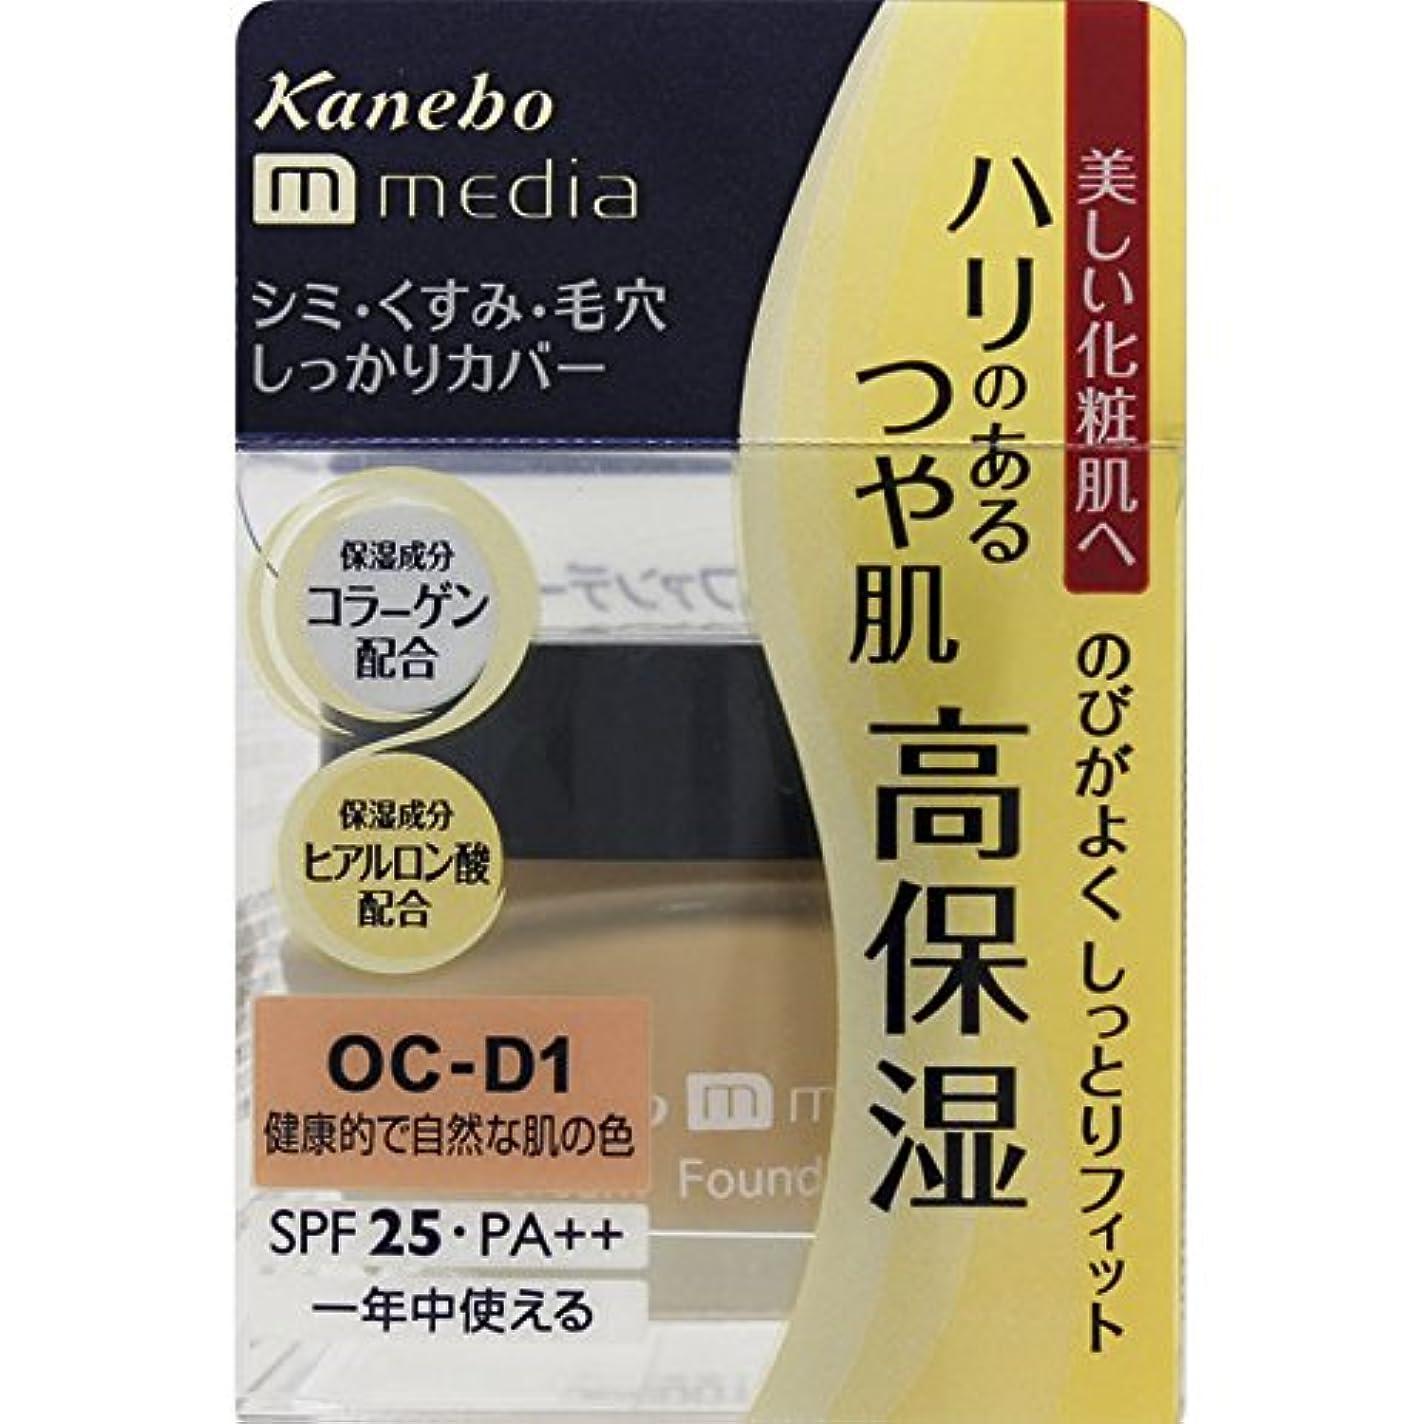 振り向くデッドロック自動車カネボウ化粧品 メディア クリームファンデーション 健康的で自然な肌の色 OC-D1